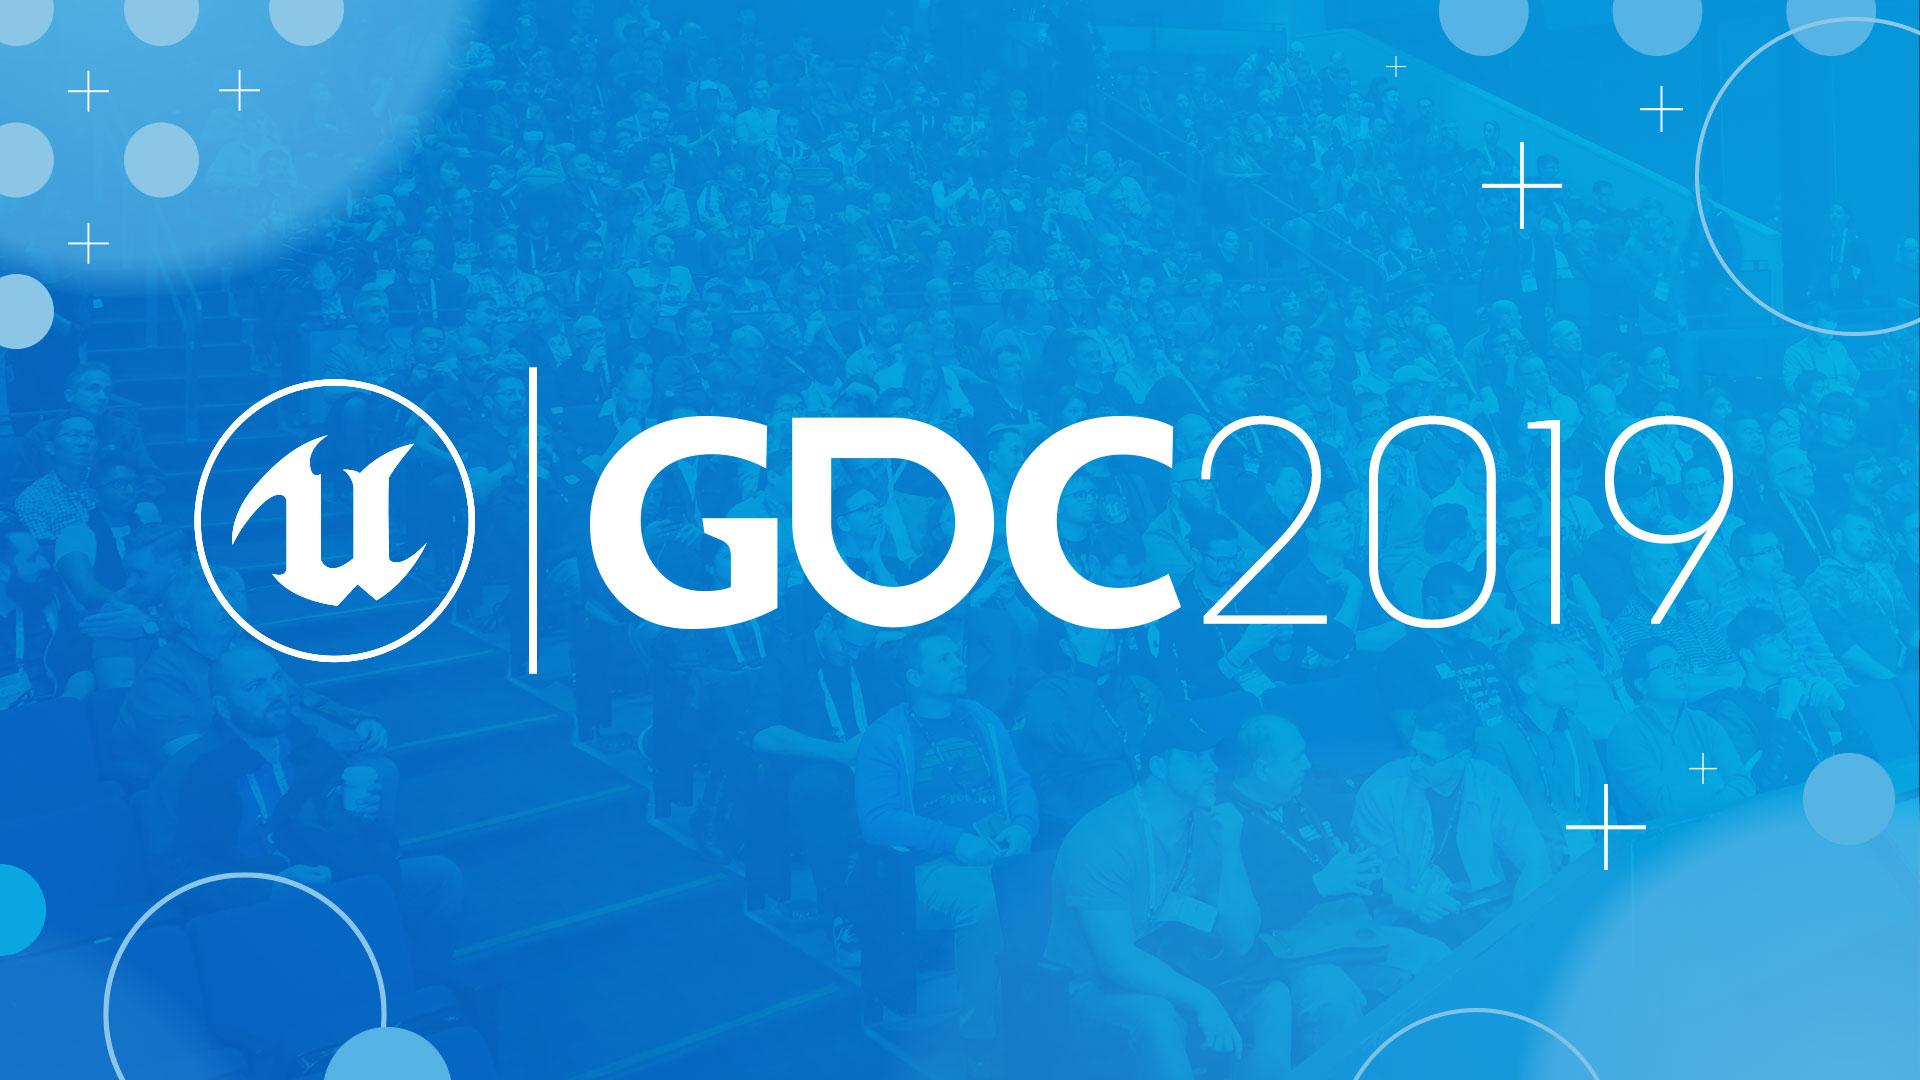 Unreal Engine, Unreal, gdc, Unreal Engine gdc, tan grande y jugando